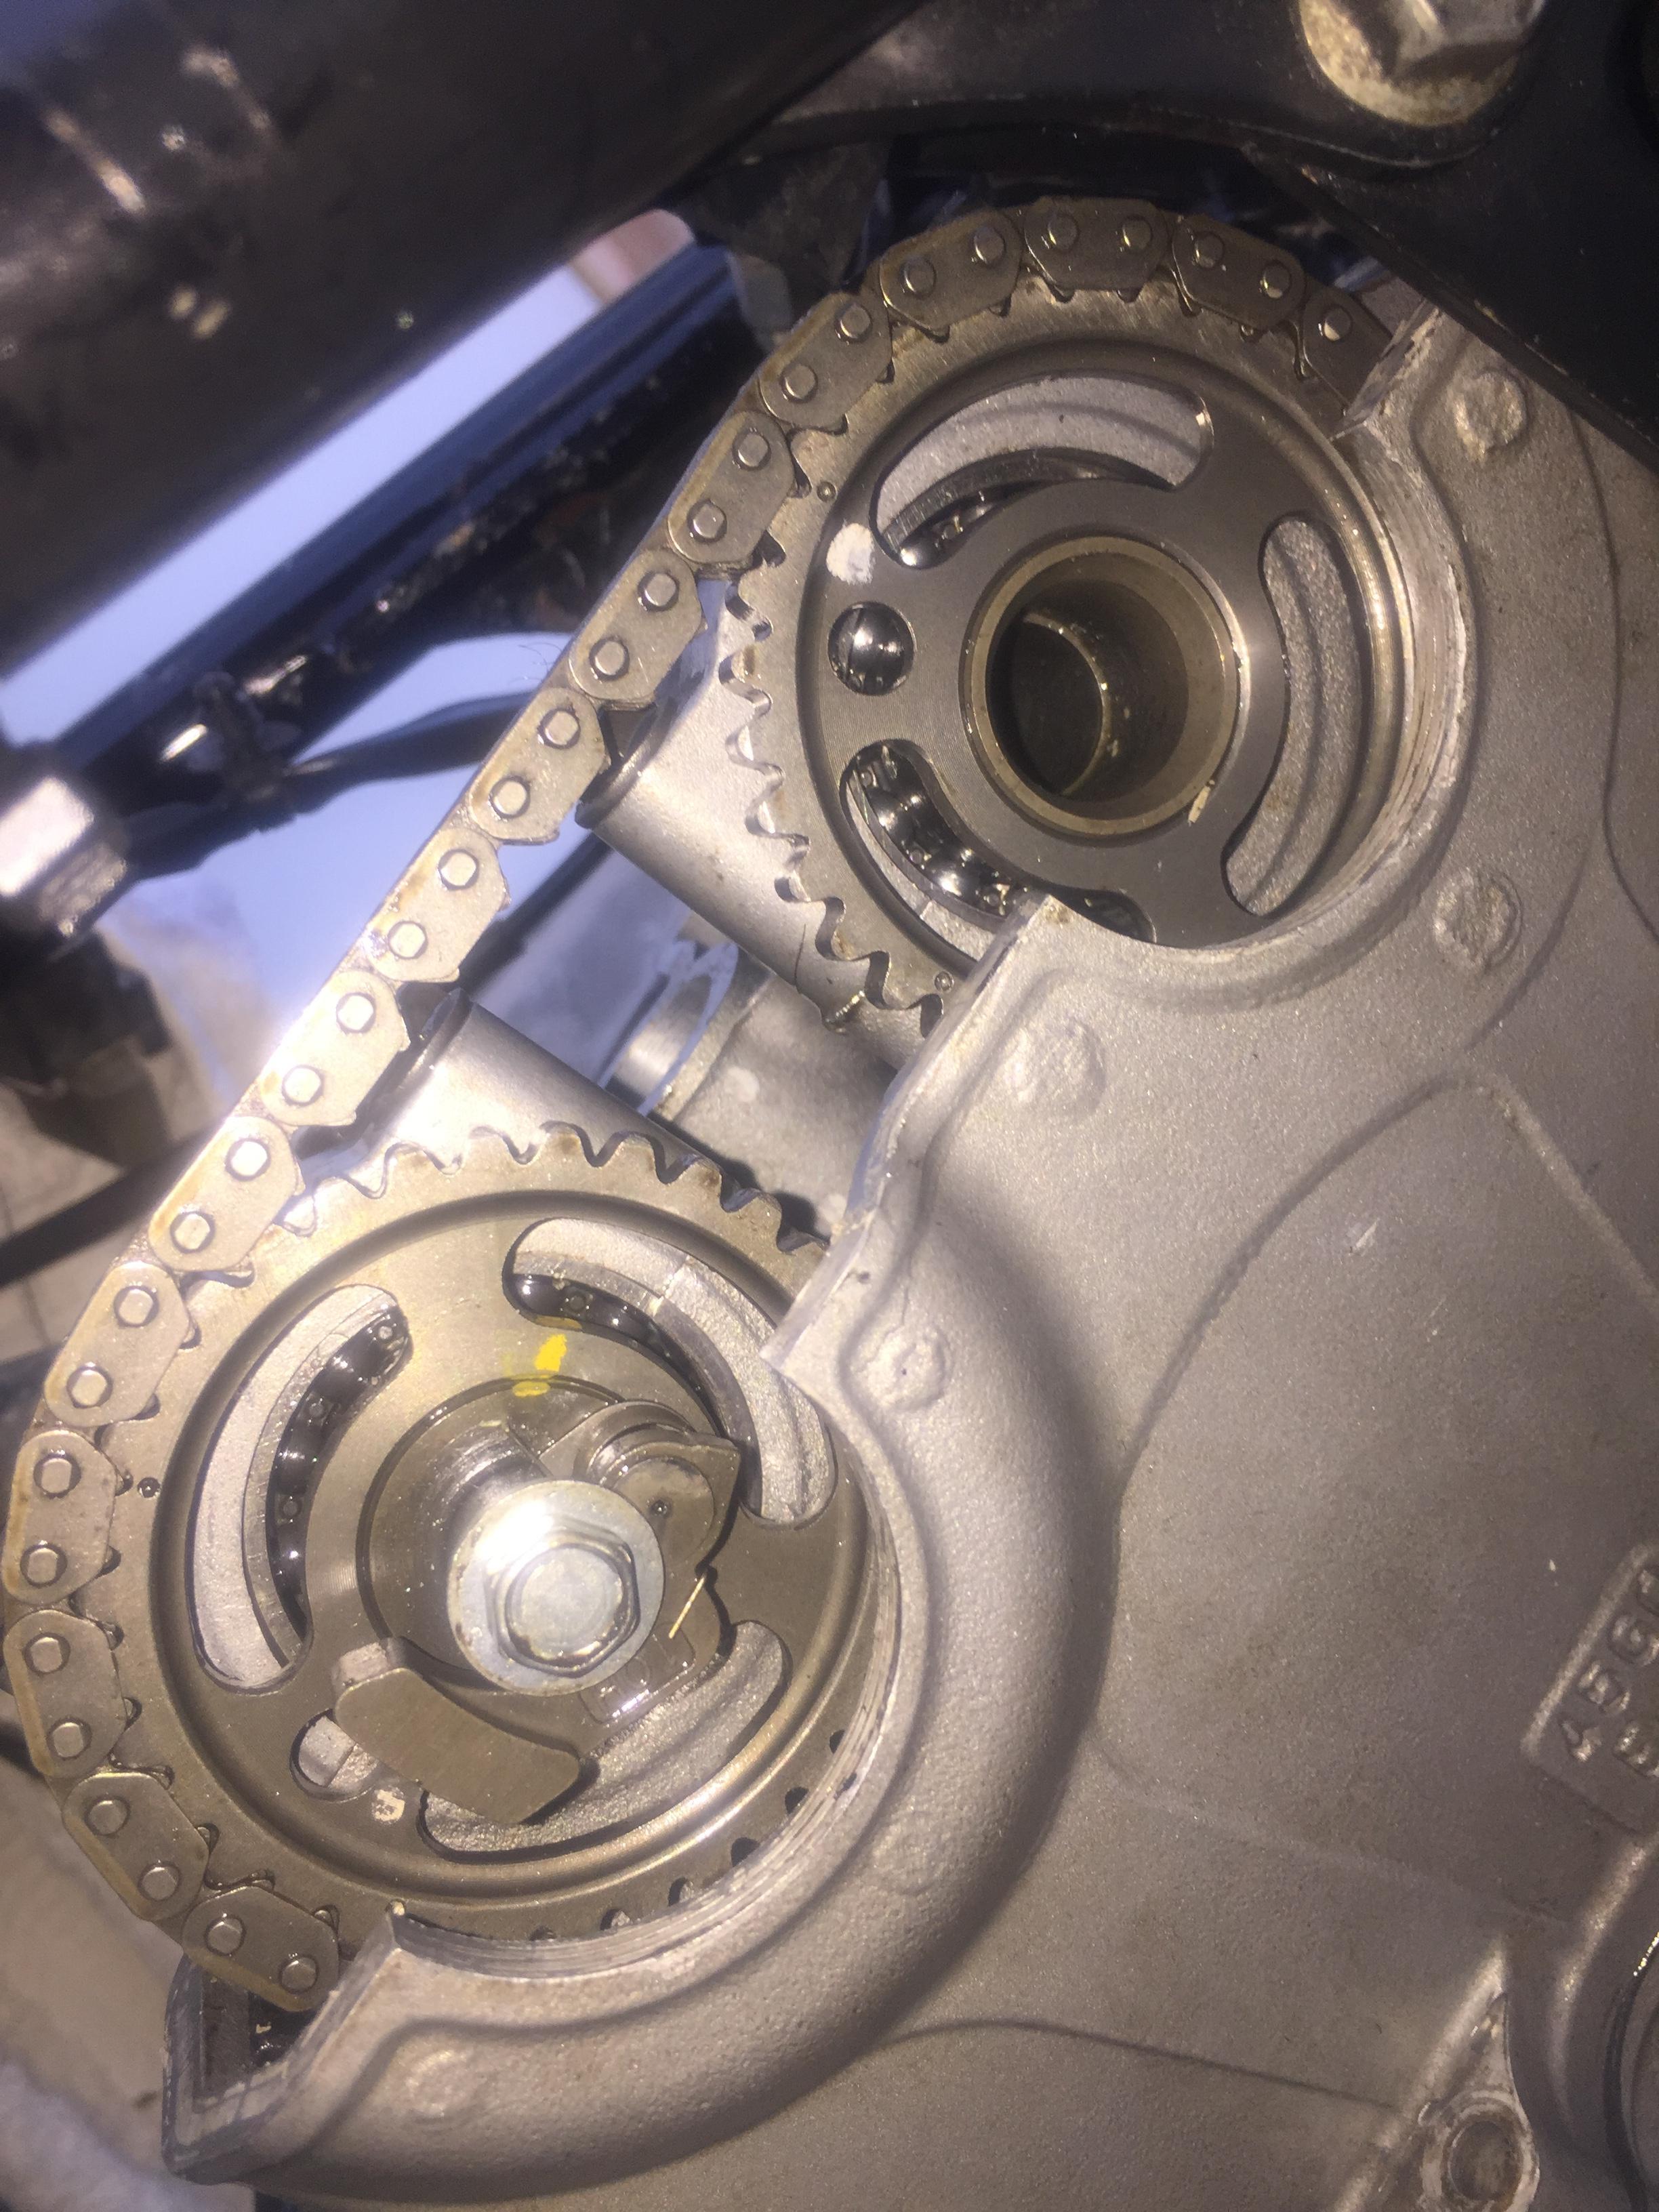 New Cam Timing Chain Suzuki LTR450 LT450R LT 450 Quadracer 2006 2007 2008 2009